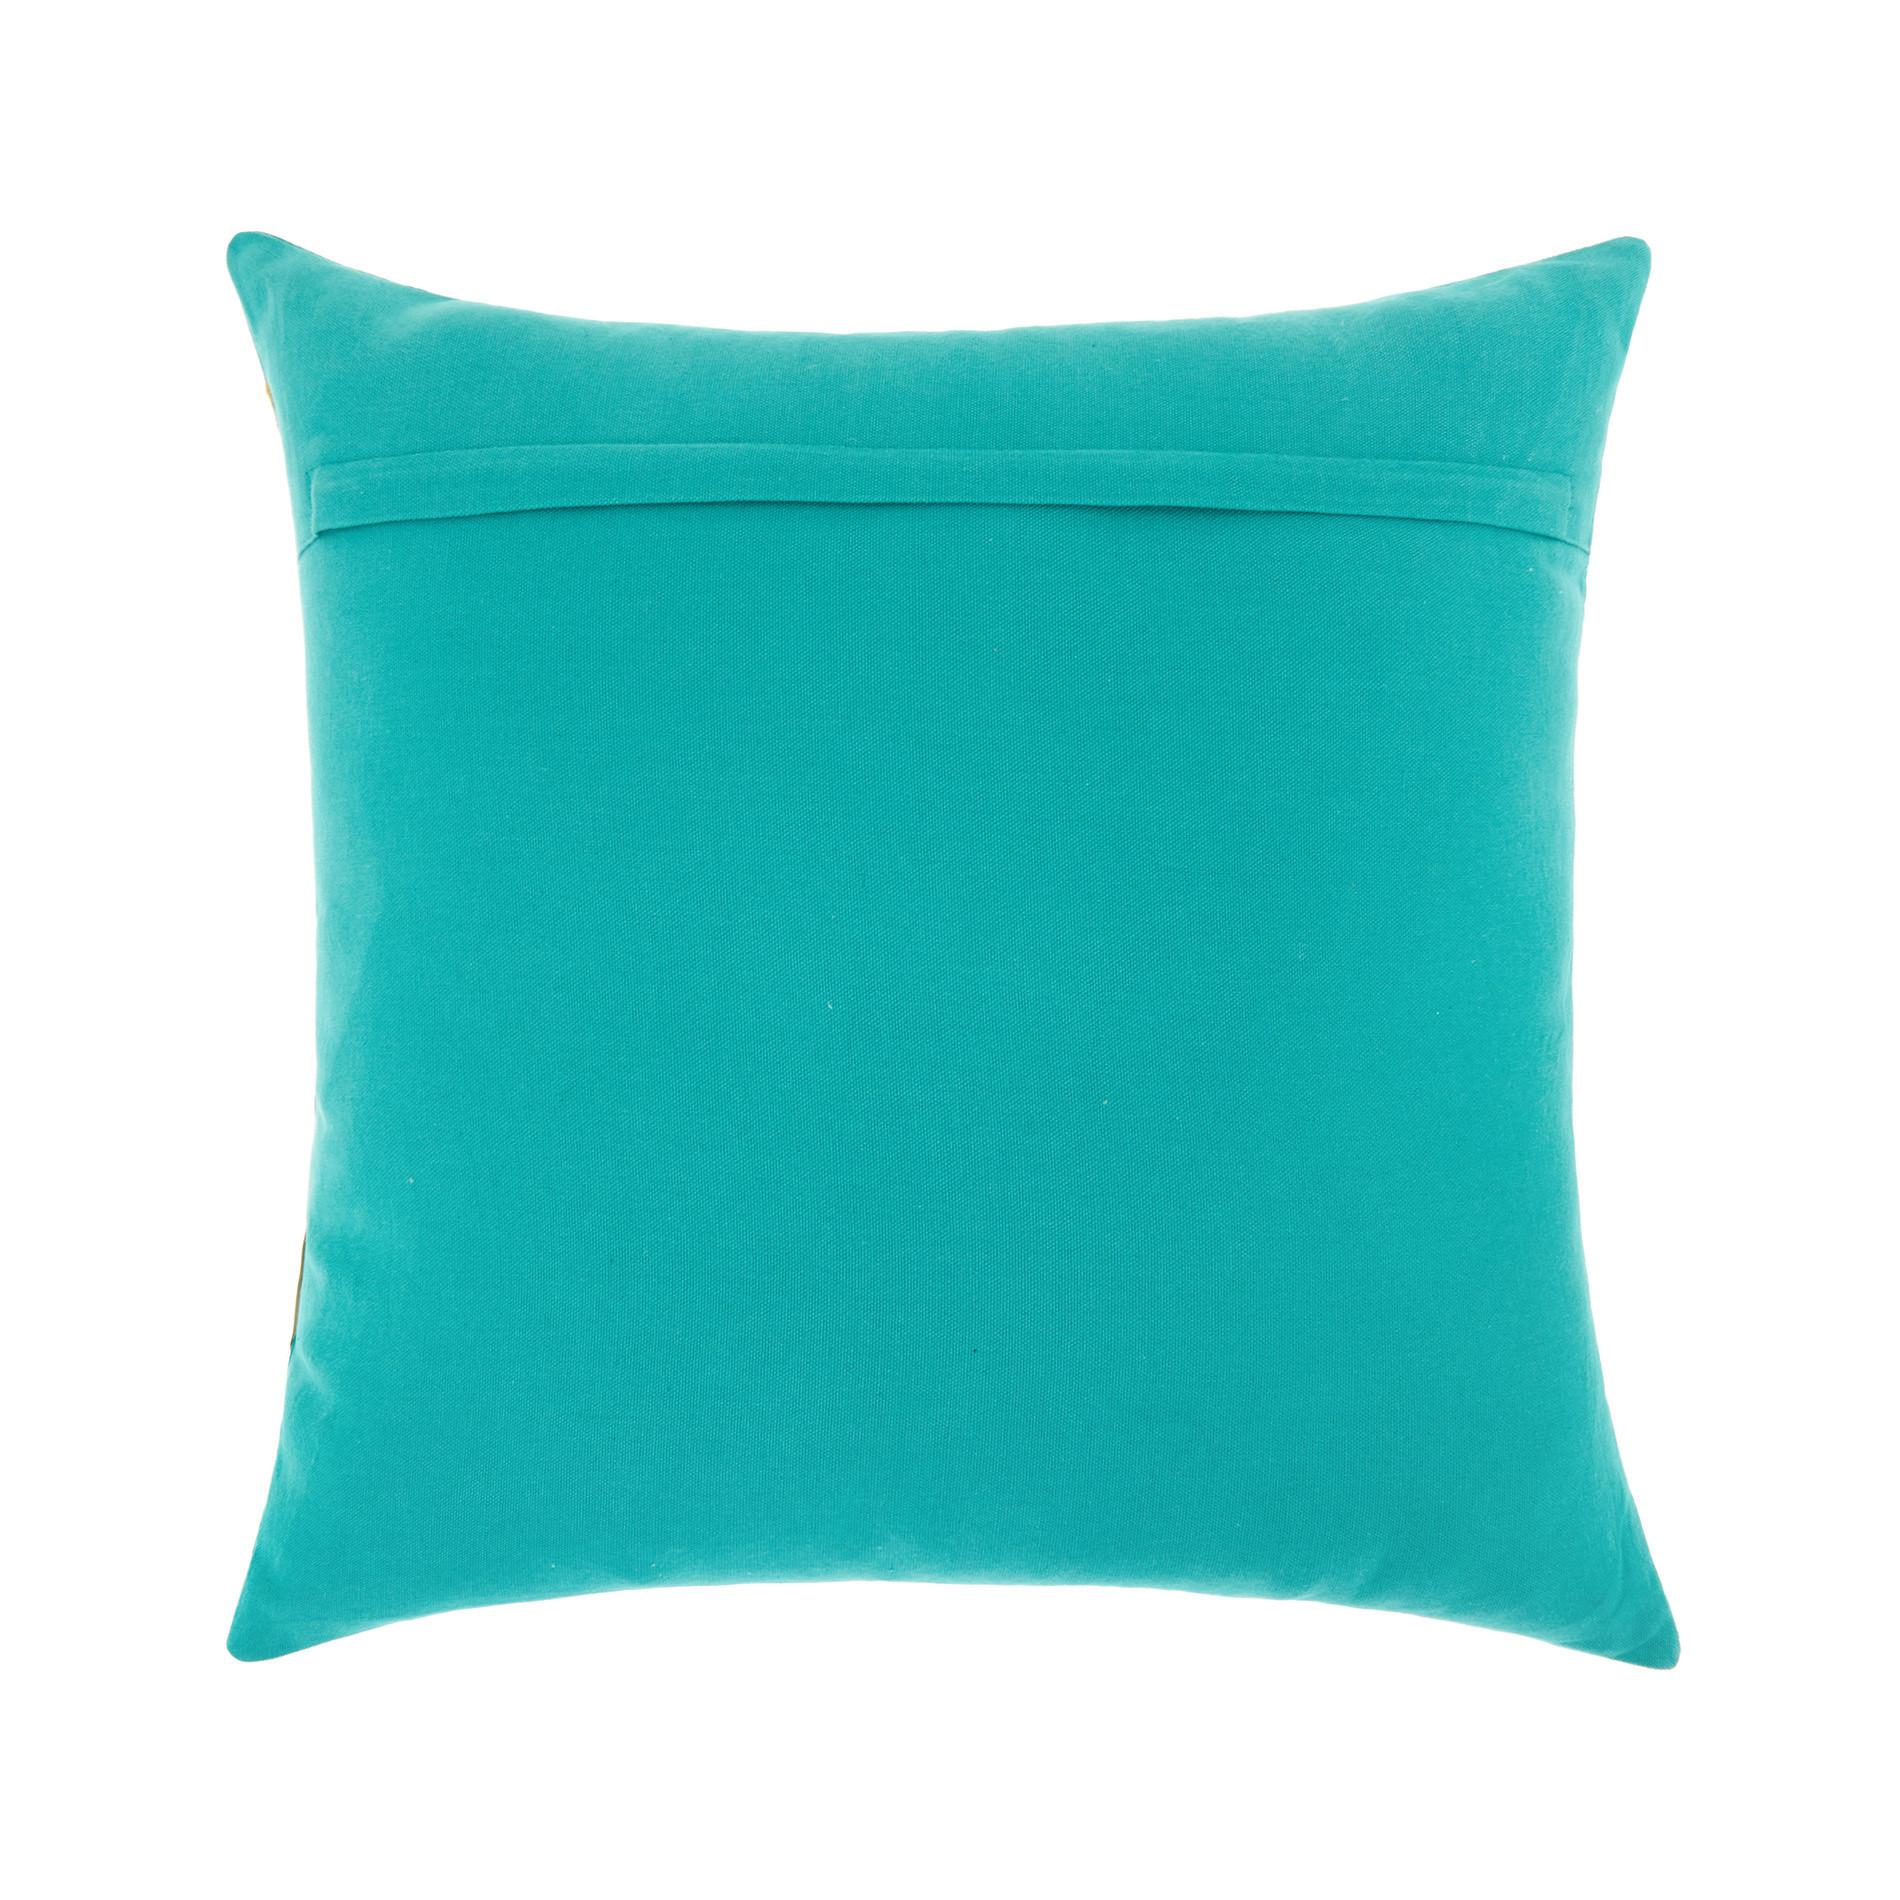 Cuscino ricamo foglie 45x45cm, Verde acqua, large image number 1